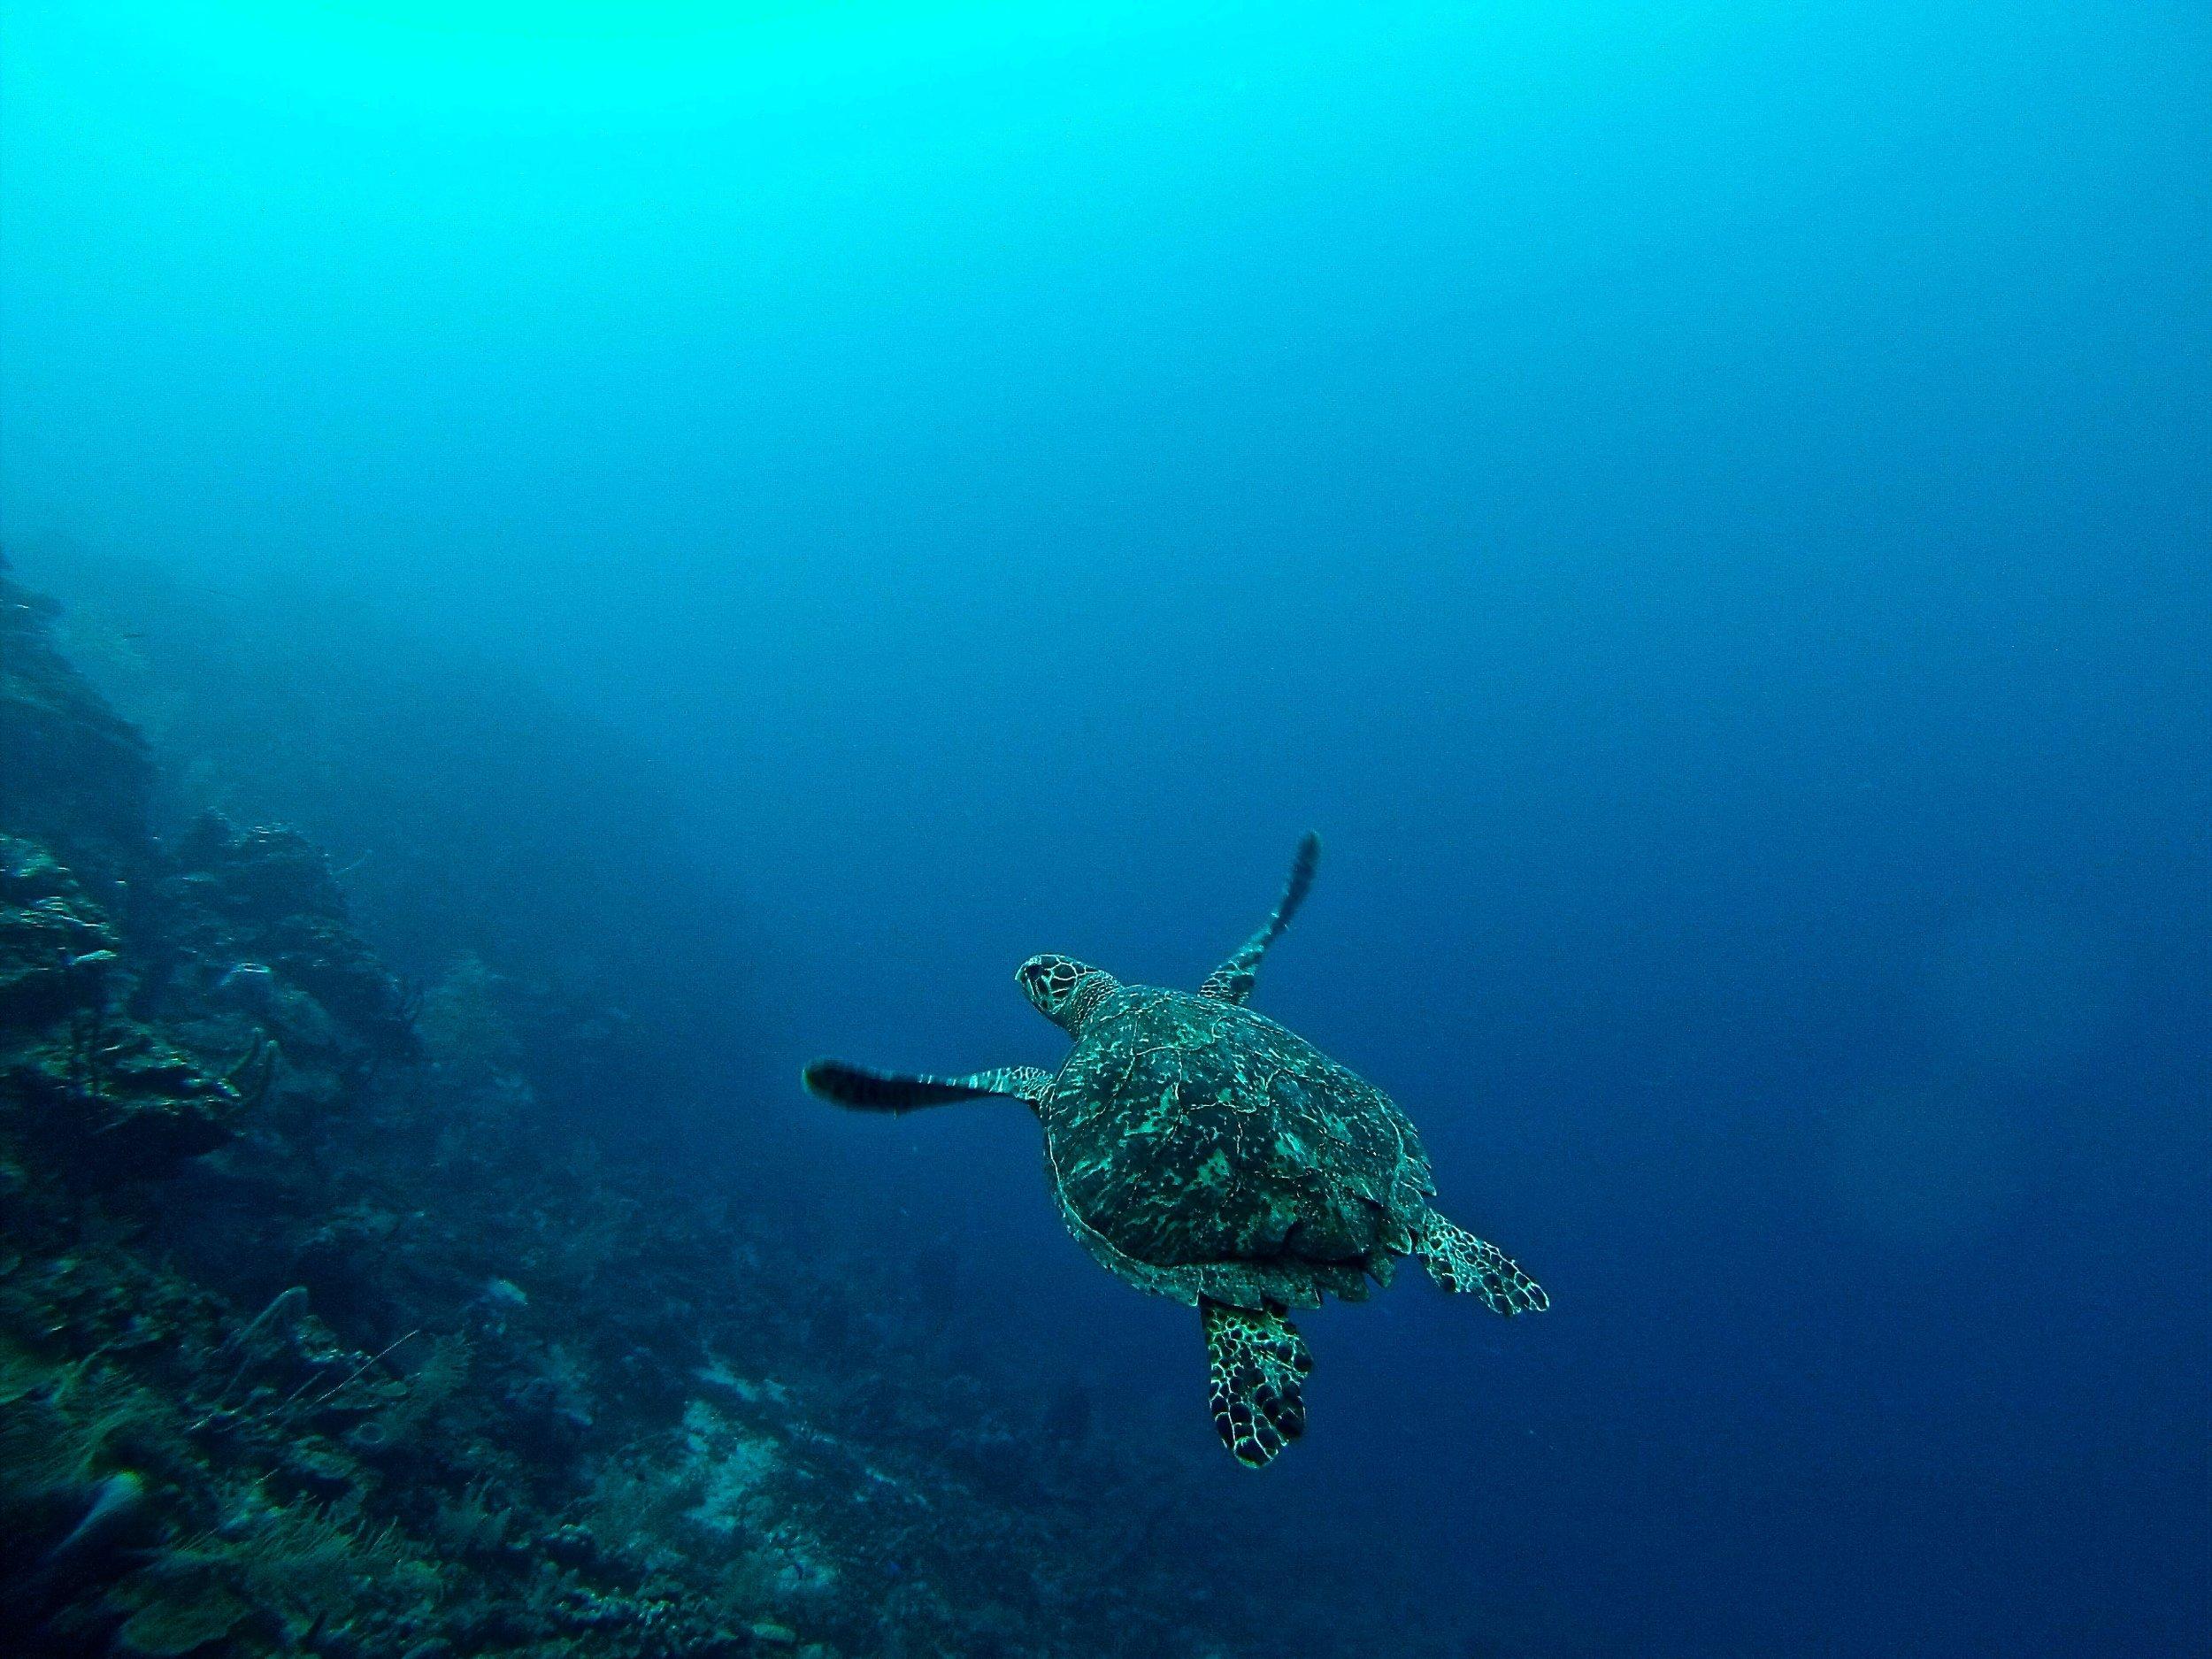 Honduras - Aunque está catalogado como uno de los países más violentos del Mundo, Honduras tiene muchísimo que ofrecer y áreas muy seguras para el turismo. Por ejemplo, el Caribe hondureño es una zona que te enamorará. Aquí encontrarás algunas de las playas más hermosas del Caribe, llenas de tortugas, delfines, arrecifes y gran diversidad de especies marinas. Los hospedajes no costarán más de $15 USD la noche.